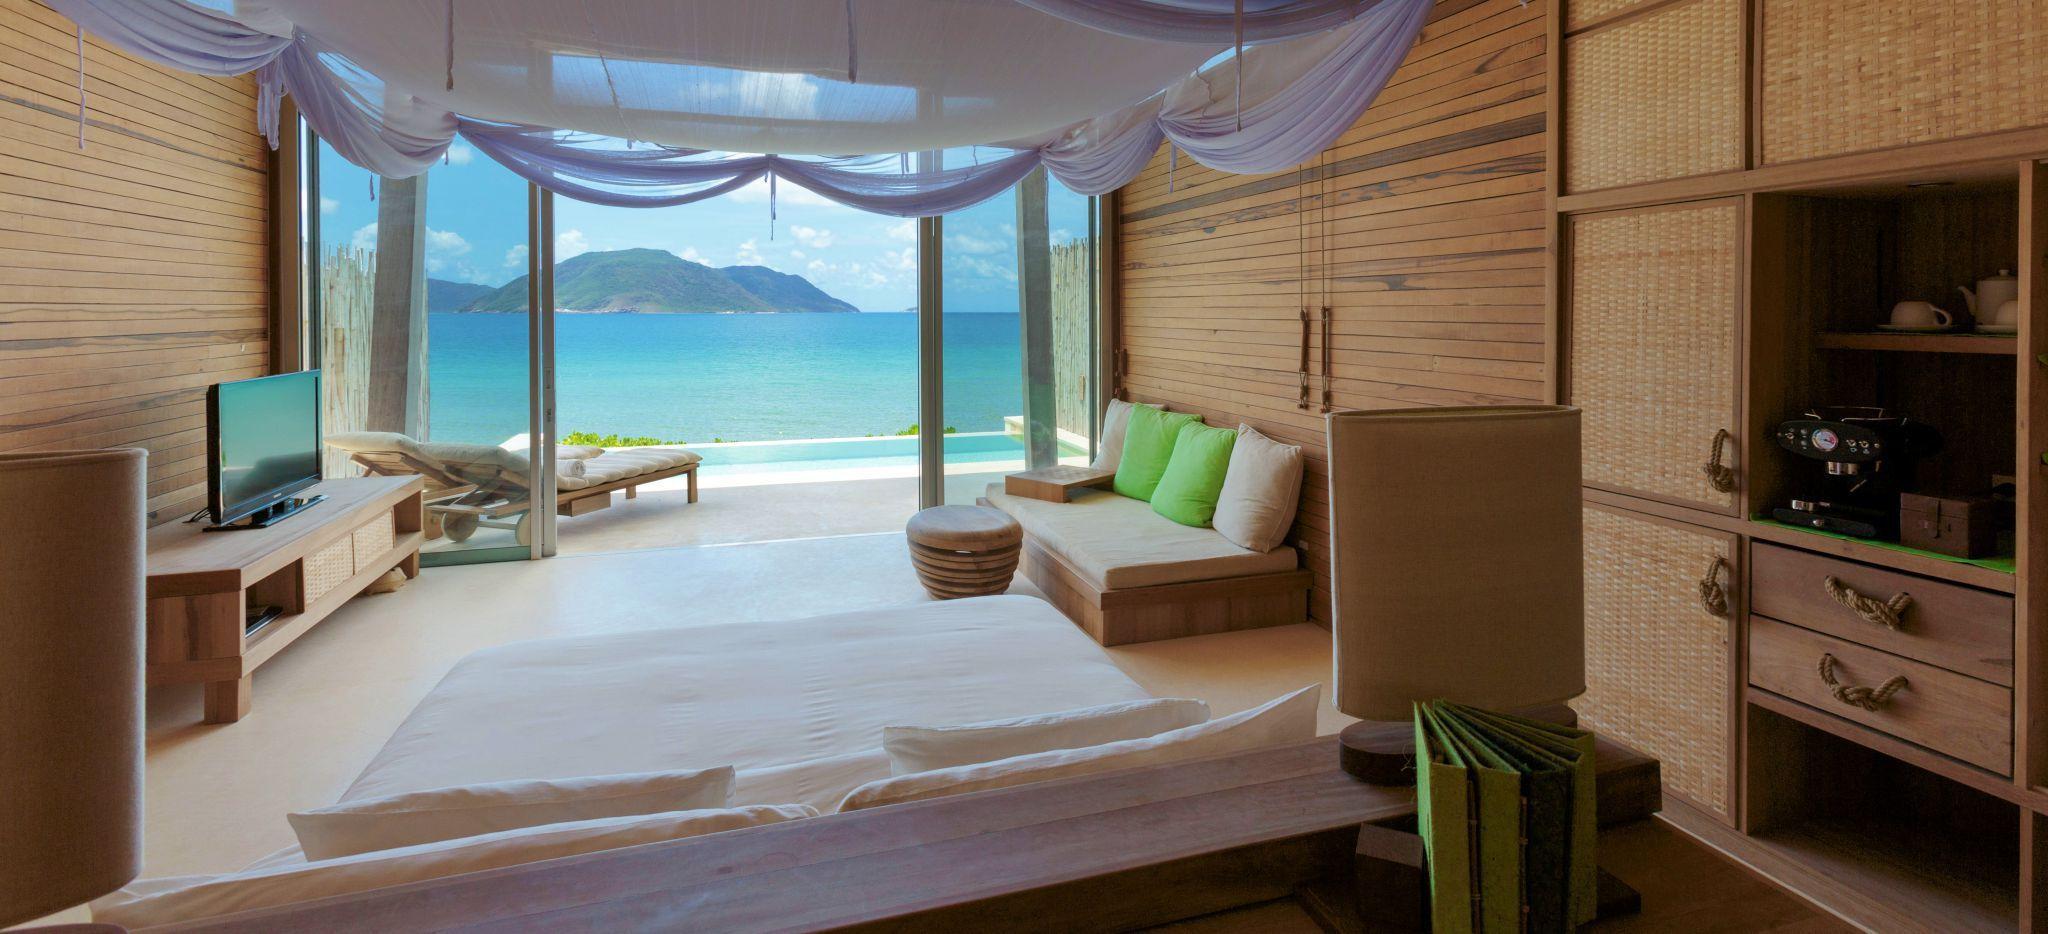 Hotelzimmer mit Blick auf das Meer mit hellem Holz